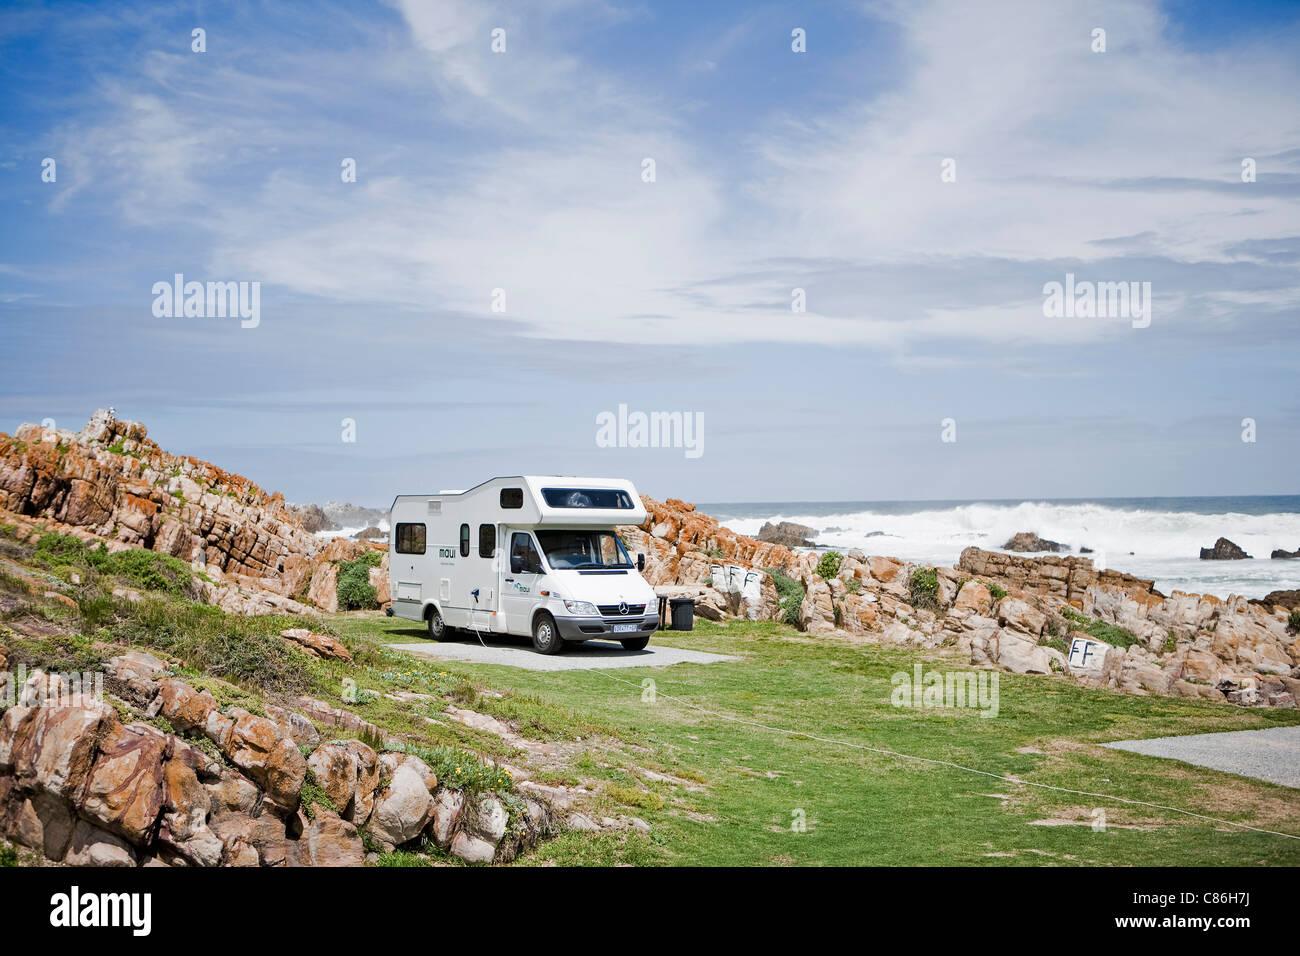 Veicolo ricreativo parcheggiato sulla spiaggia Immagini Stock